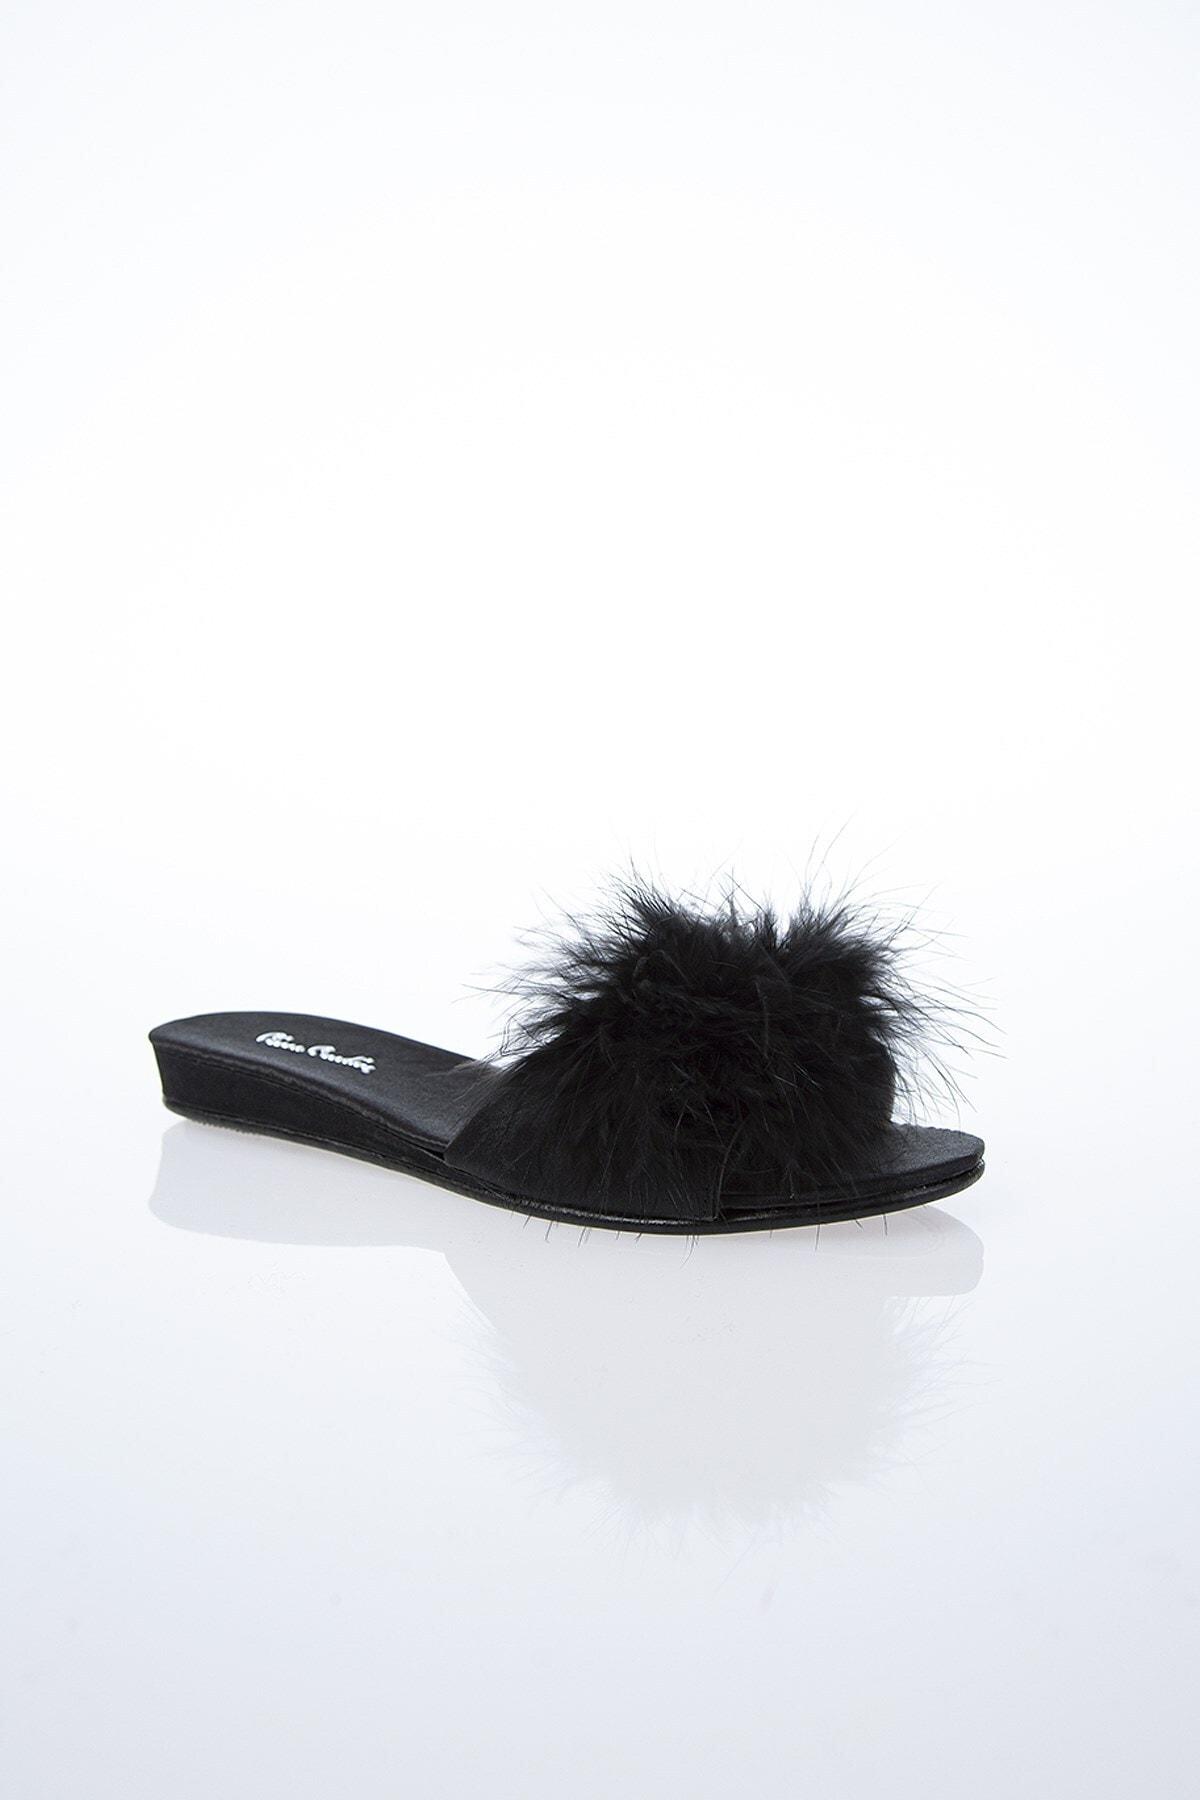 Pierre Cardin Kadın Siyah Terlik Pc-0015 2